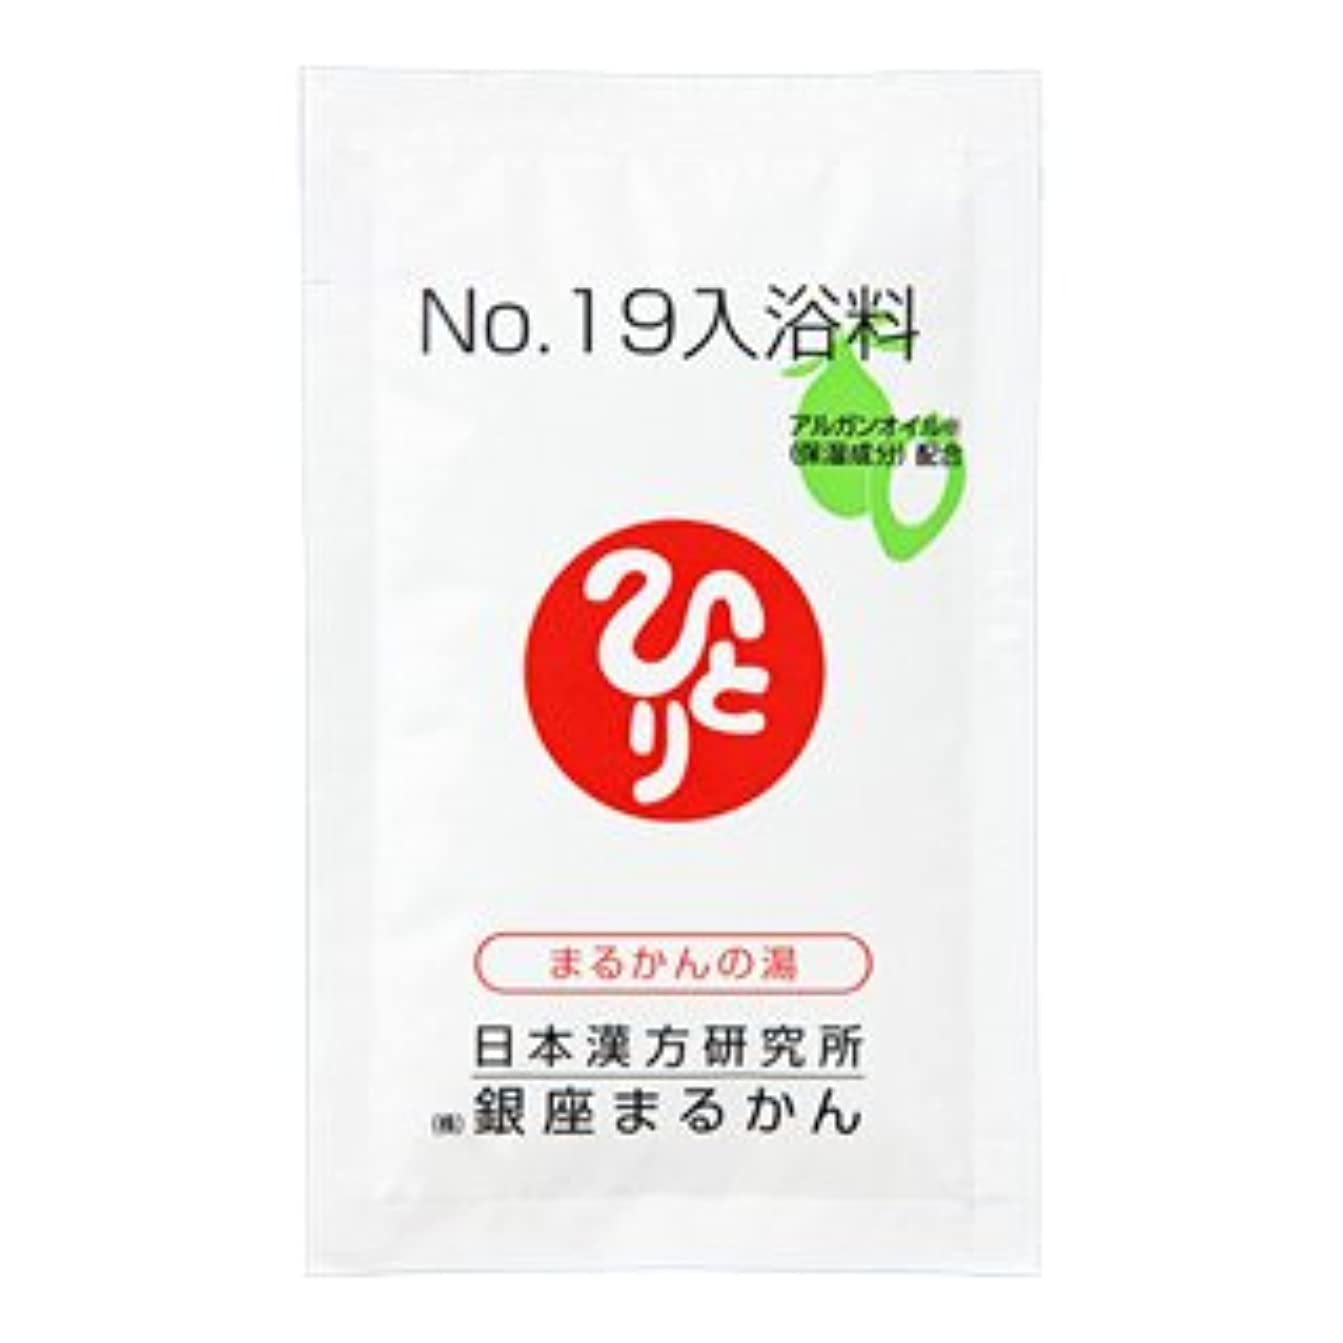 サーキットに行くコーラスペフ銀座まるかん No.19入浴料(50個)